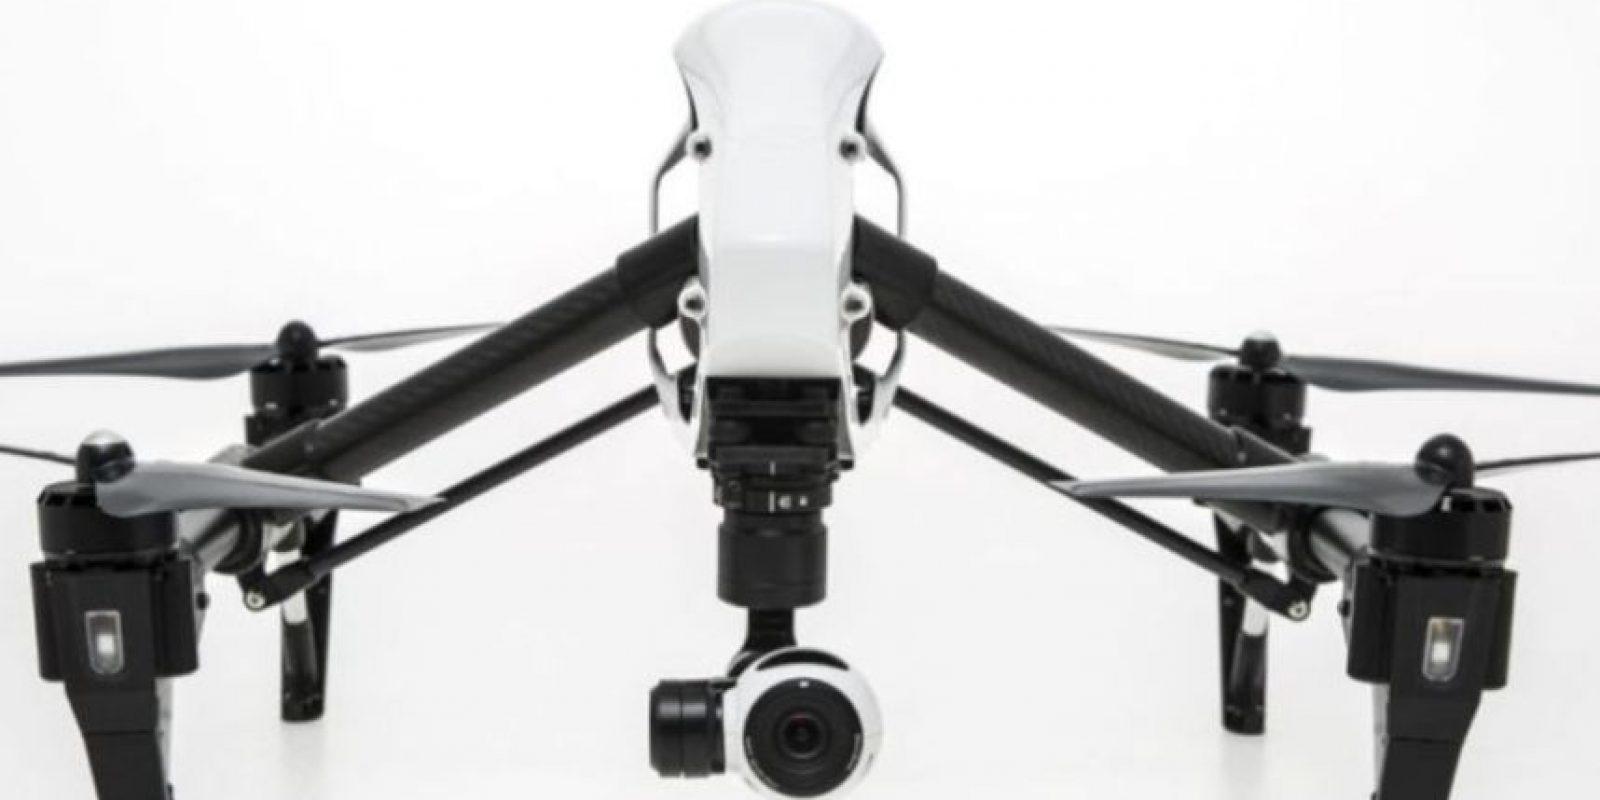 Inspire 1 es uno de los drones más populares. Foto:vía dji.com